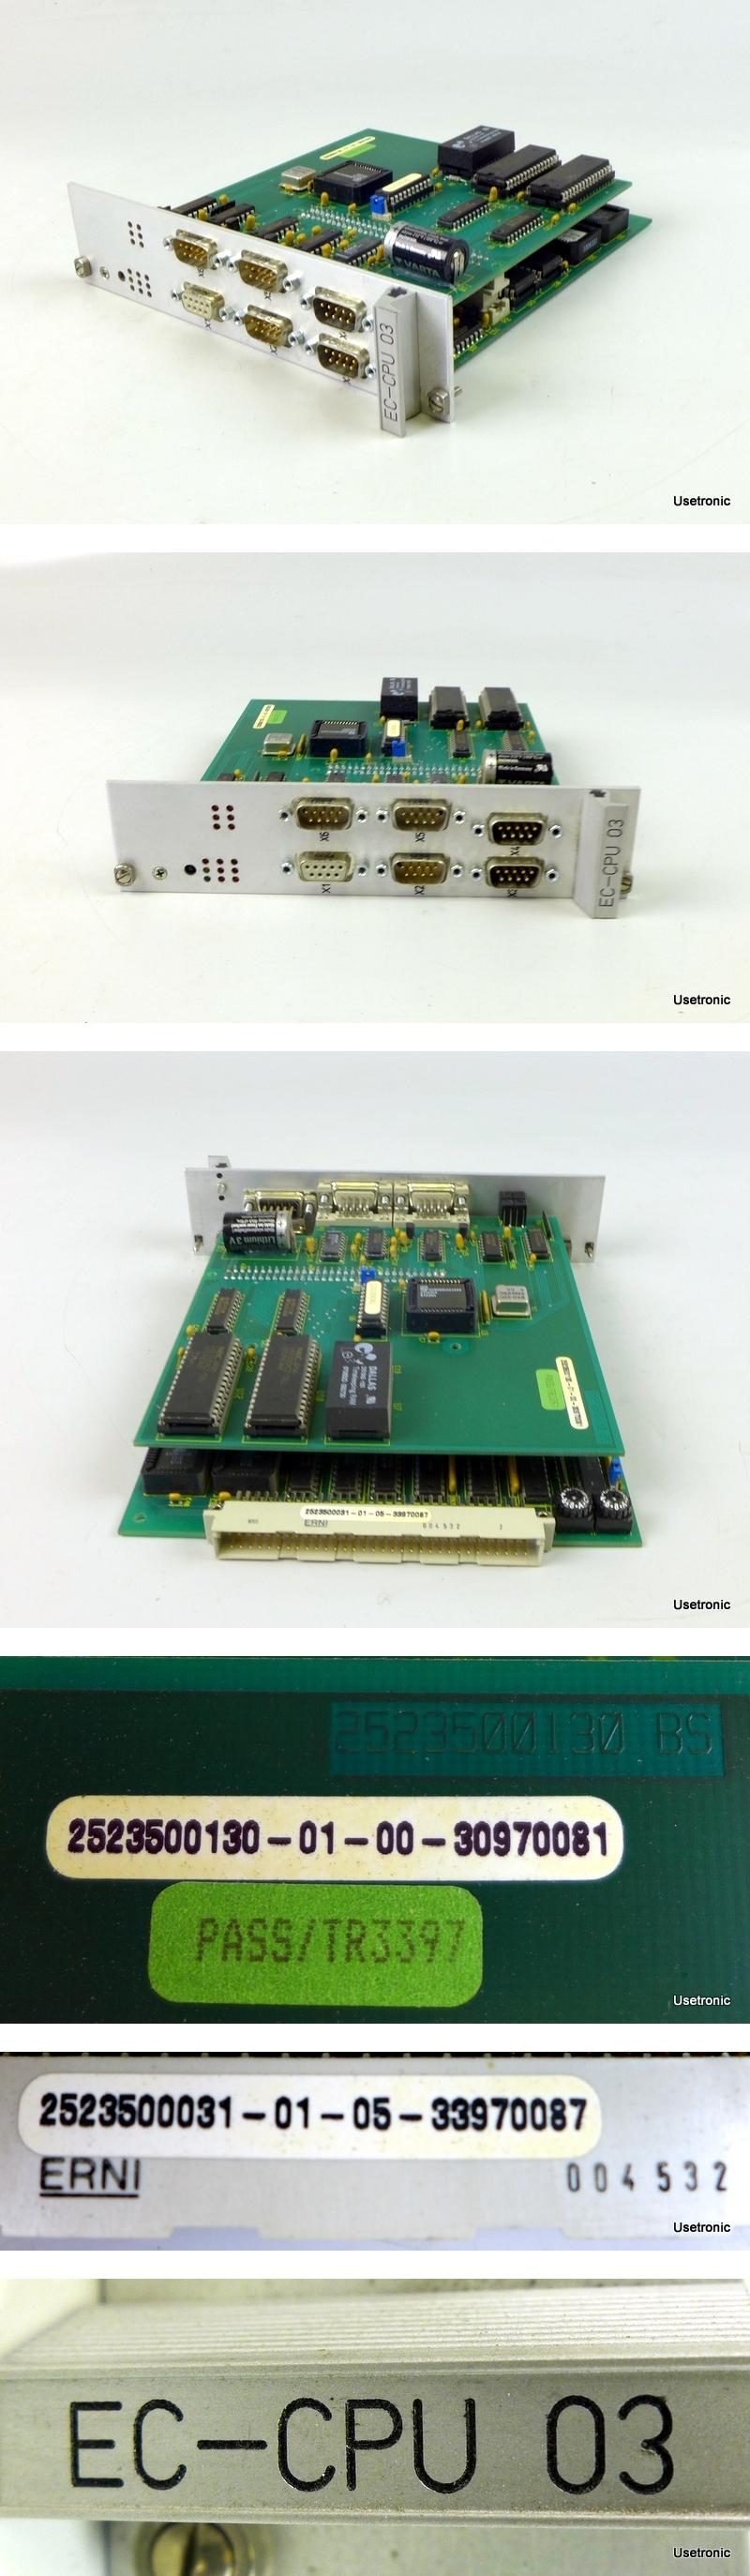 Eckelmann CPU 03